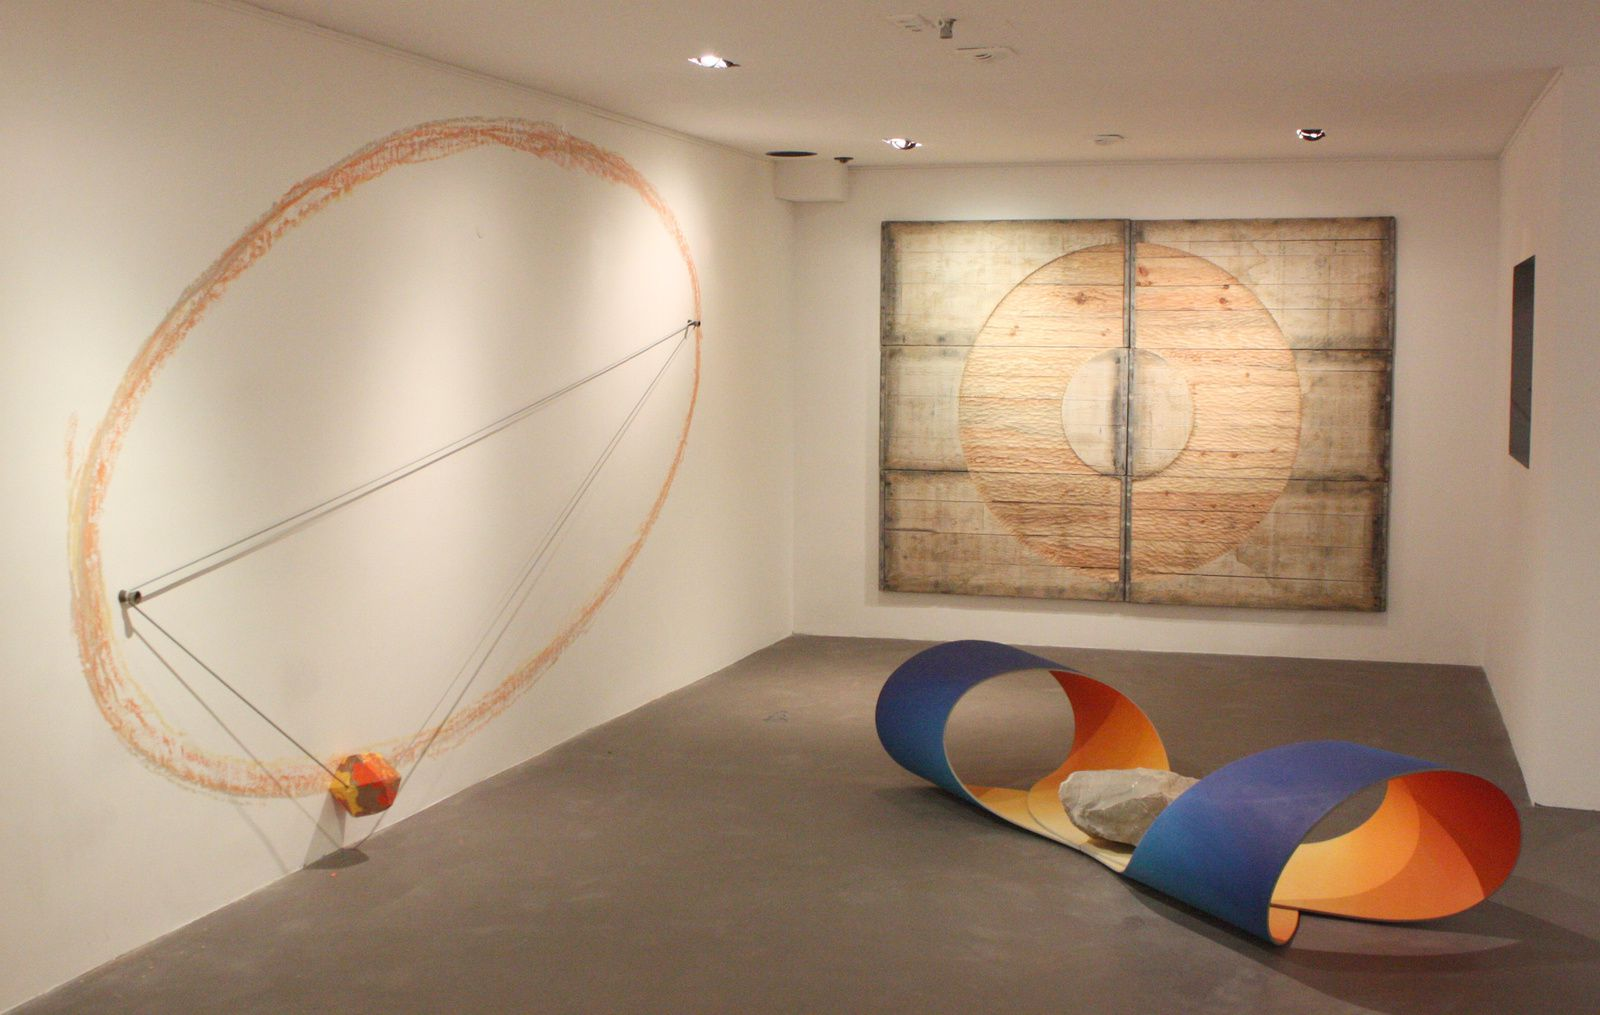 Circulation, bois peint, pierre , 2014 et Comète, craie colorée jaune, orange et gris, corde, terre cuite, 2014